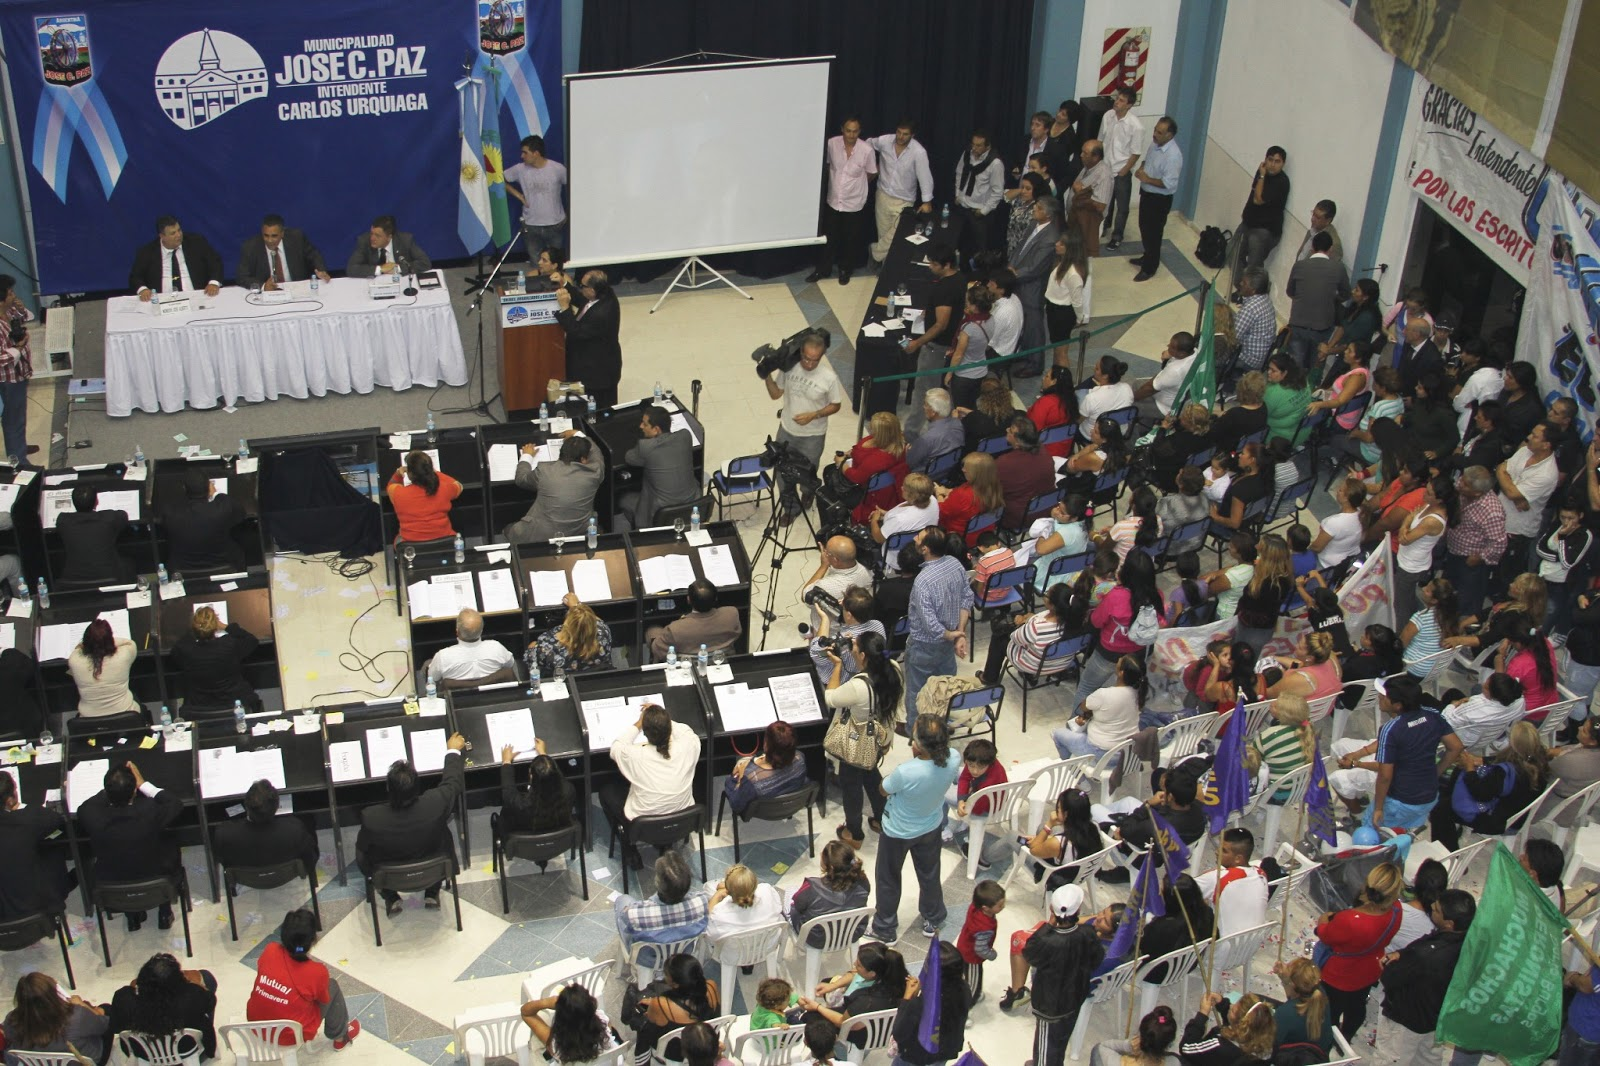 Prensa Municipalidad Jos C Paz Urquiaga En La Apertura